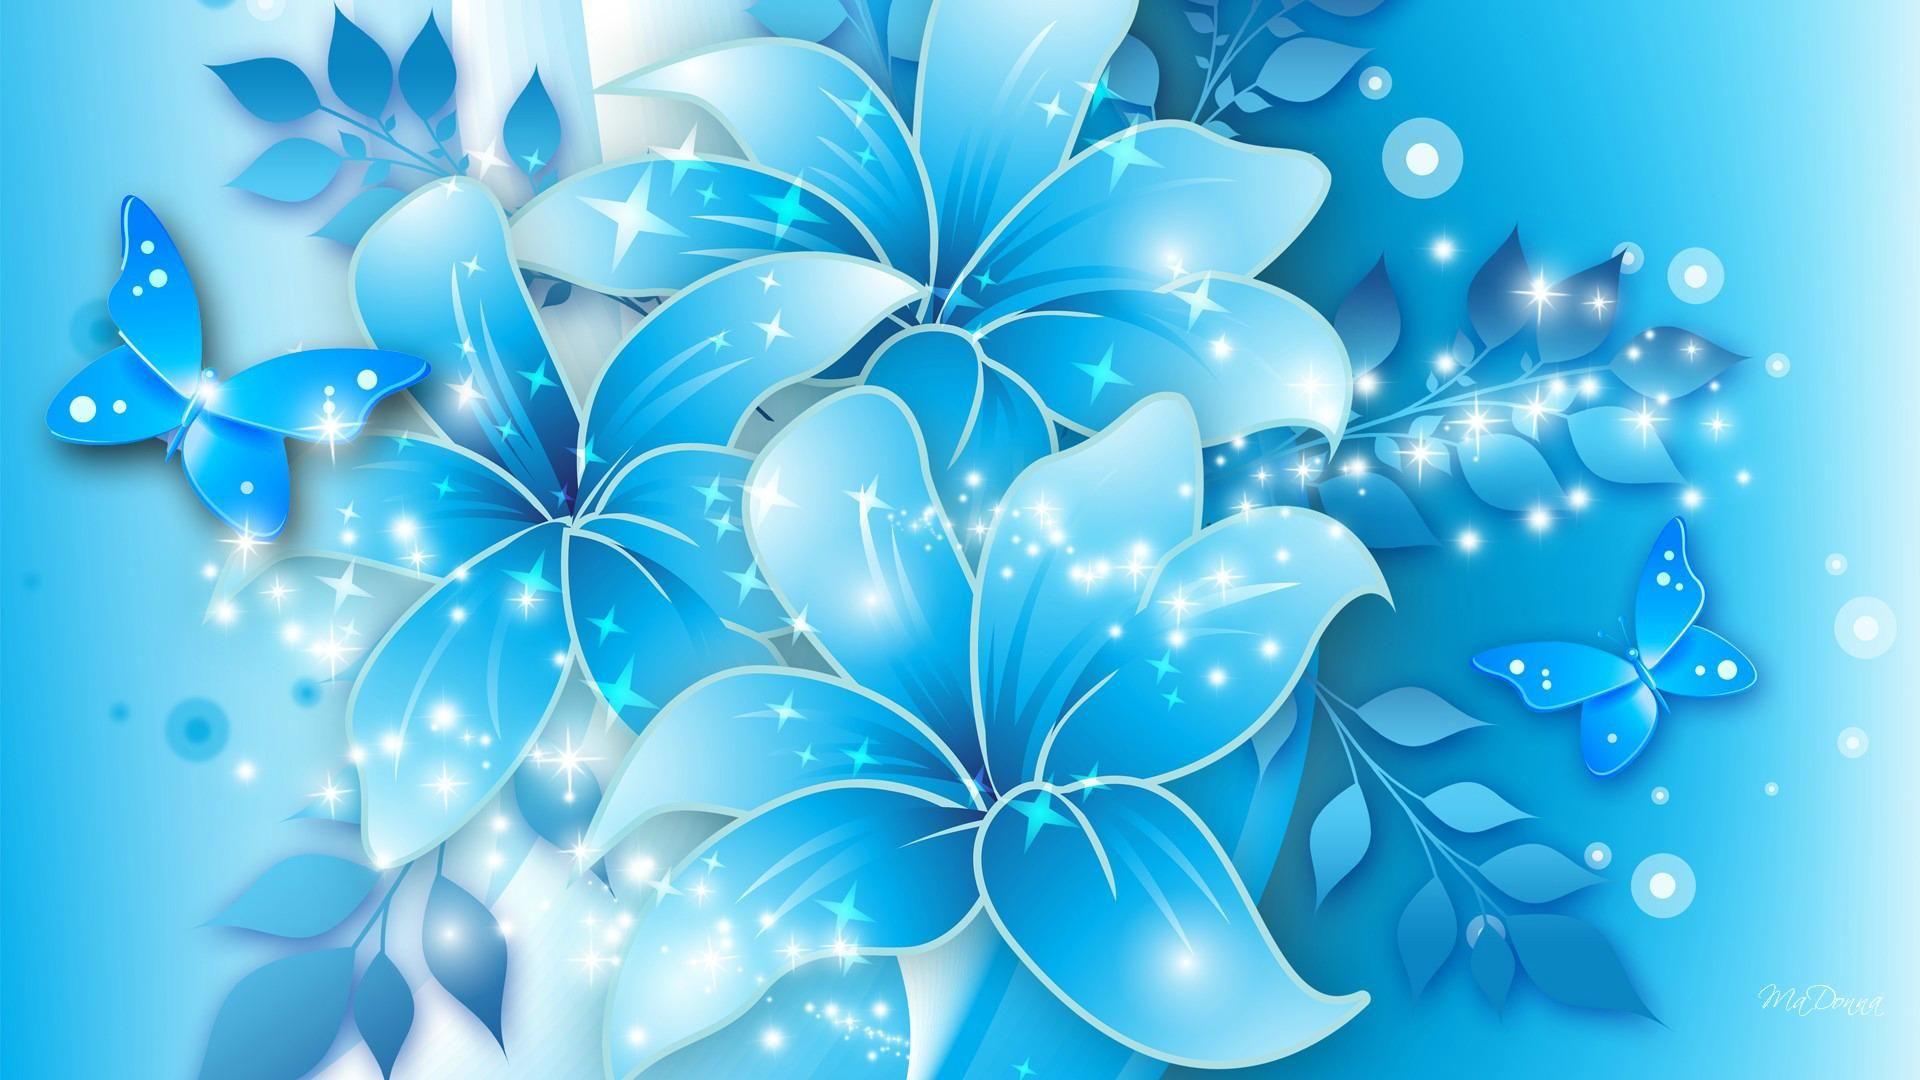 Blue Flower Wallpaper High Resolution | box | Pinterest